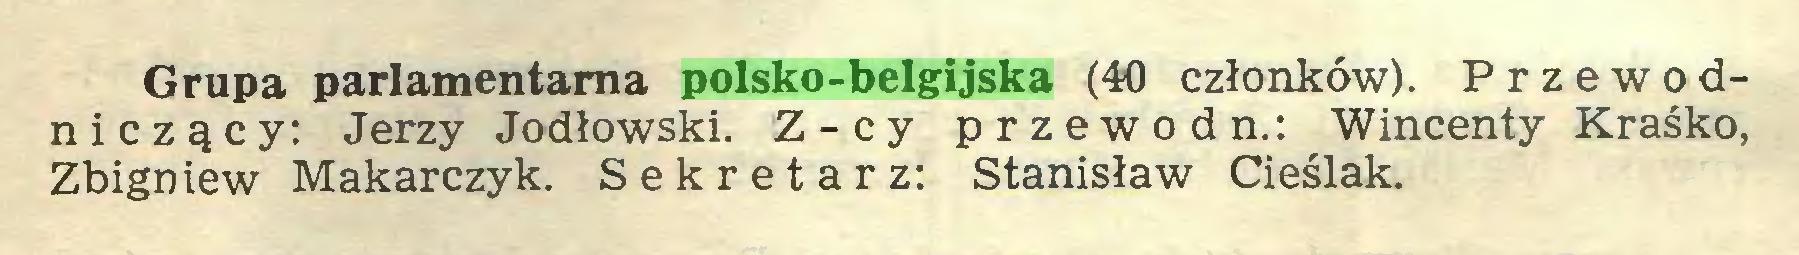 (...) Grupa parlamentarna polsko-belgijska (40 członków). Przewodniczący: Jerzy Jodłowski. Z-cy przewód n.: W incenty Kraśko, Zbigniew Makarczyk. Sekretarz: Stanisław Cieślak...